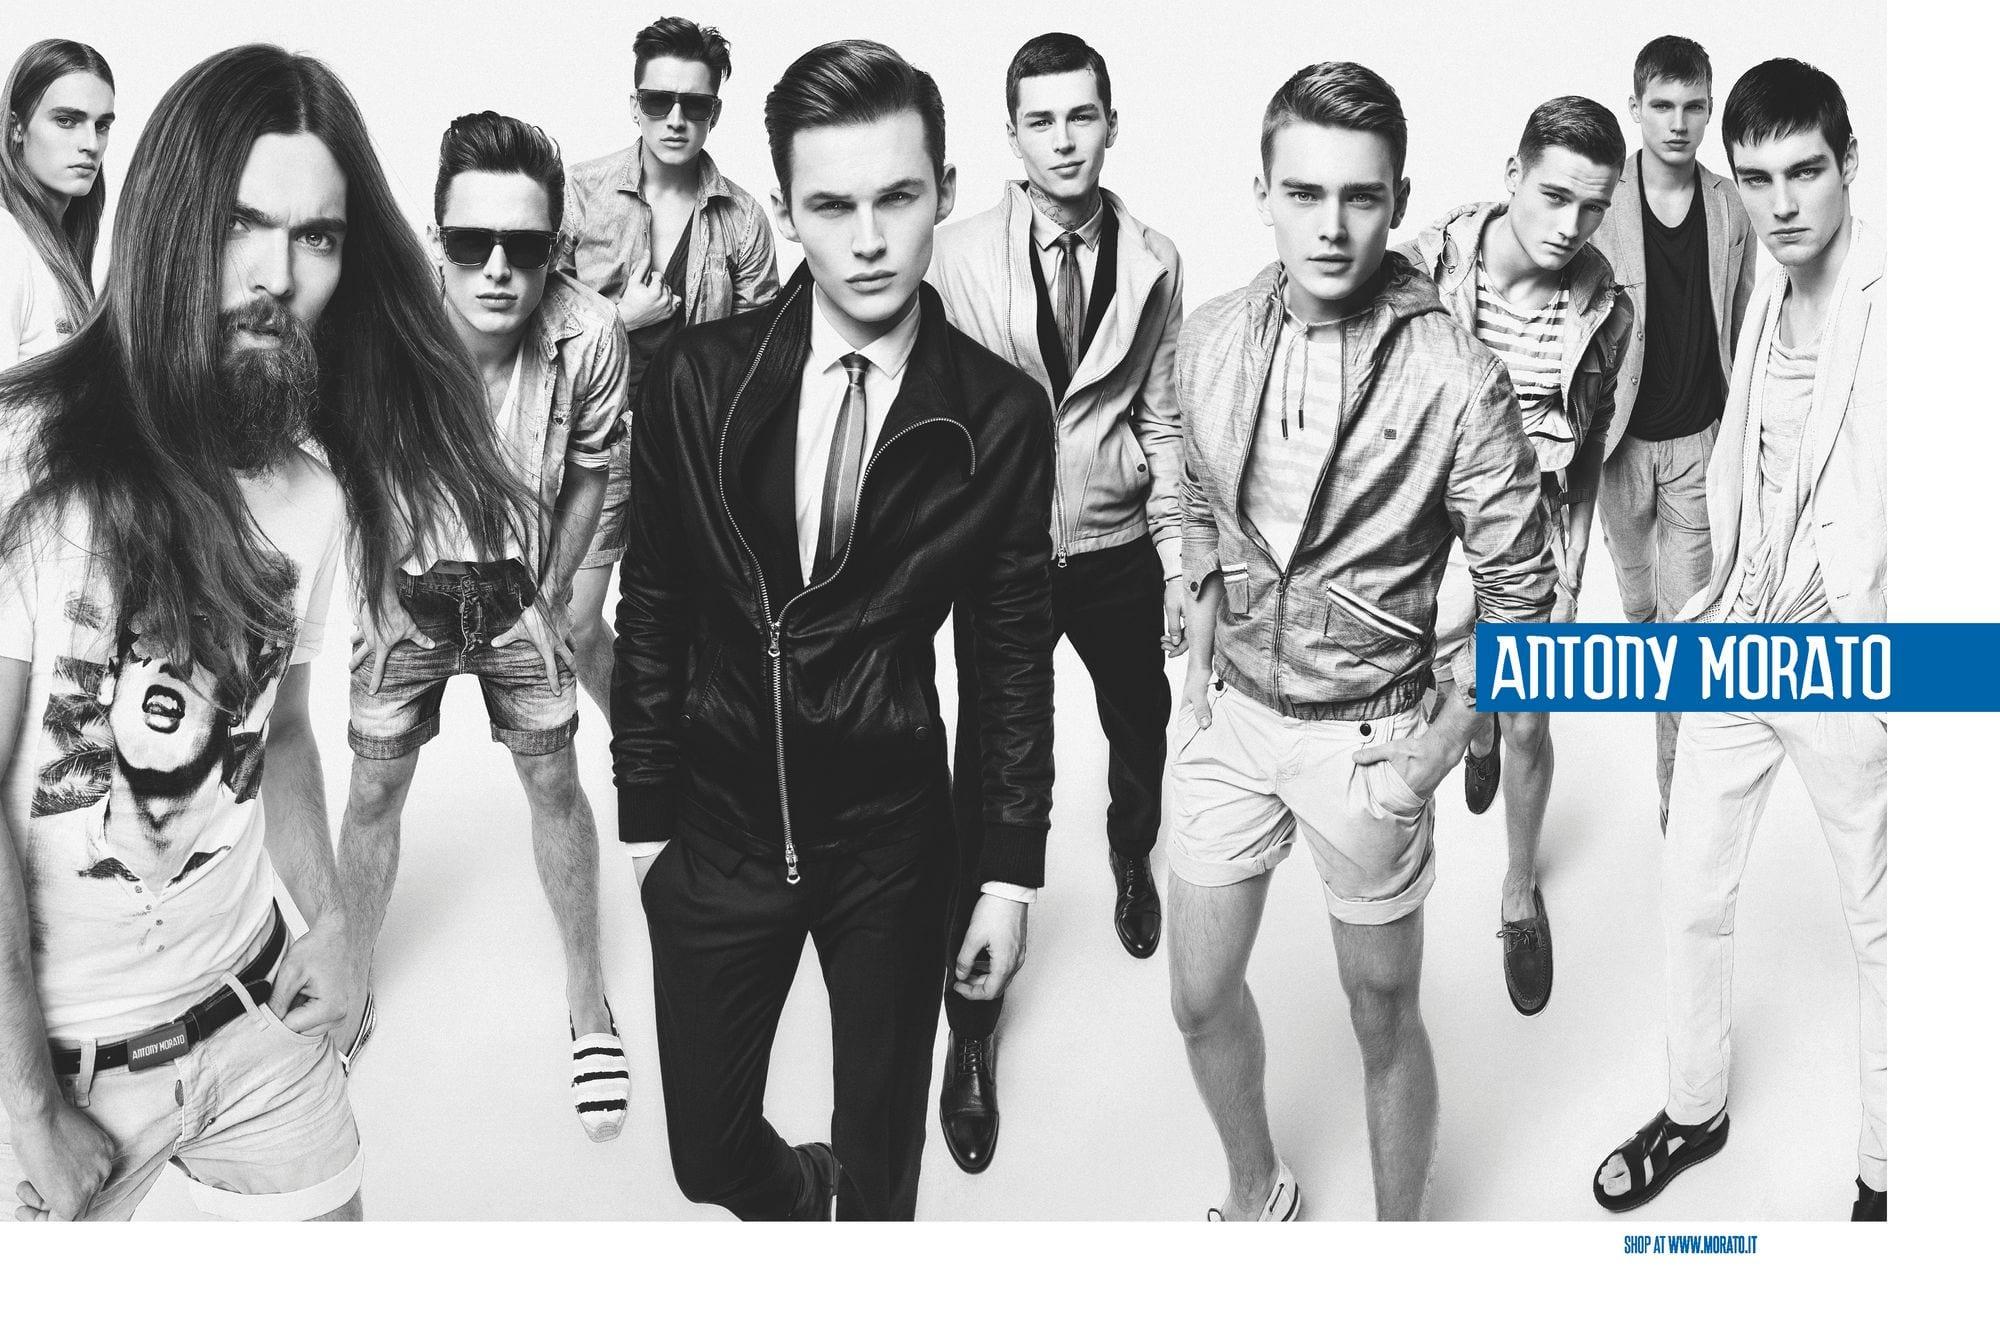 Colección primavera verano 2013 de Antony Morato